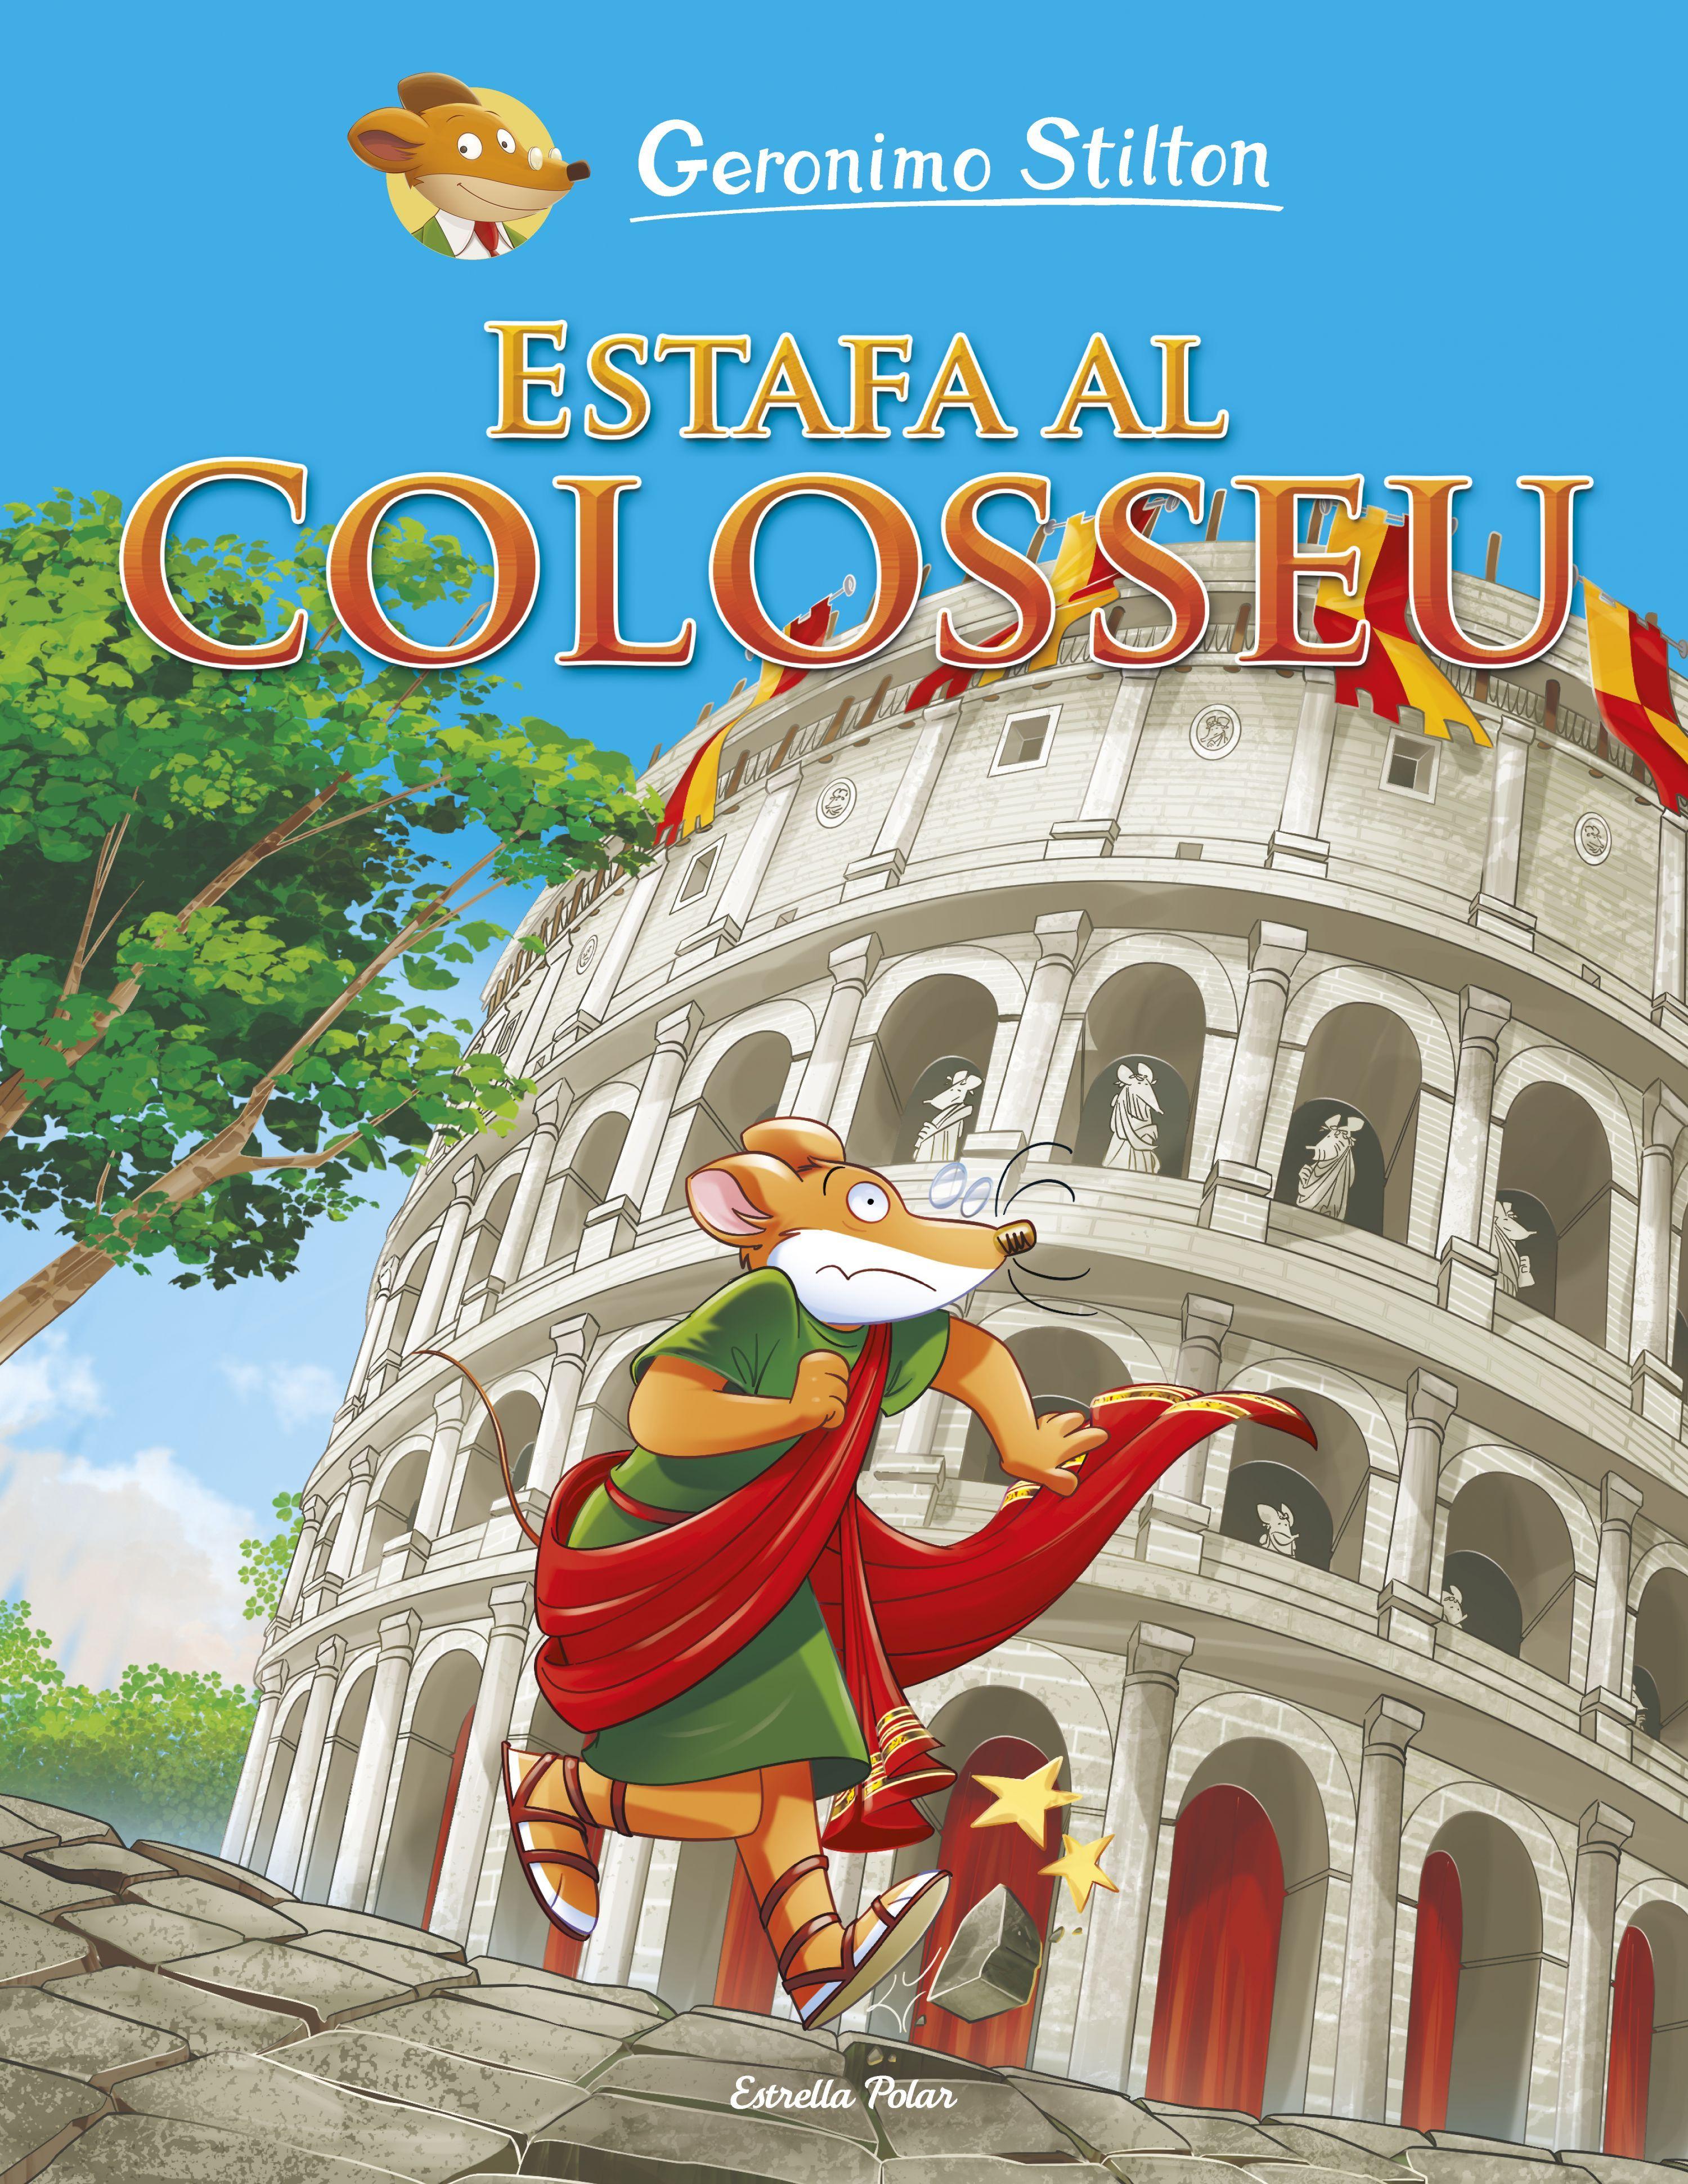 GERONIMO STILTON ESTAFA AL COLOSSEU COMIC